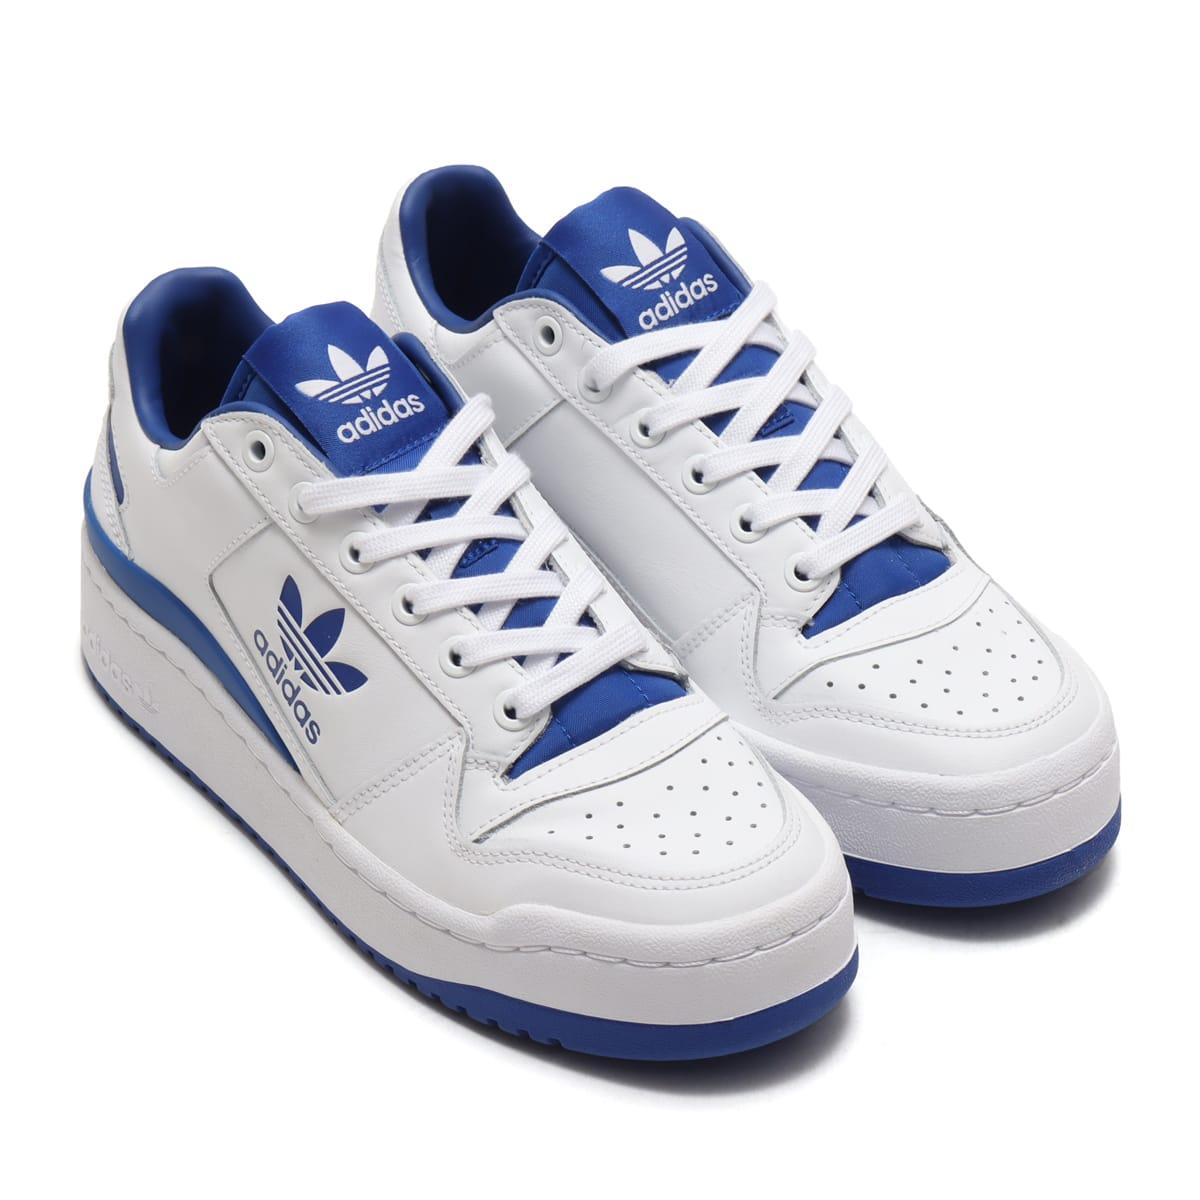 adidas FORUMBOLD W フットウェアホワイト/フットウェアホワイト/チームロイヤルブルー 21SS-I_photo_large